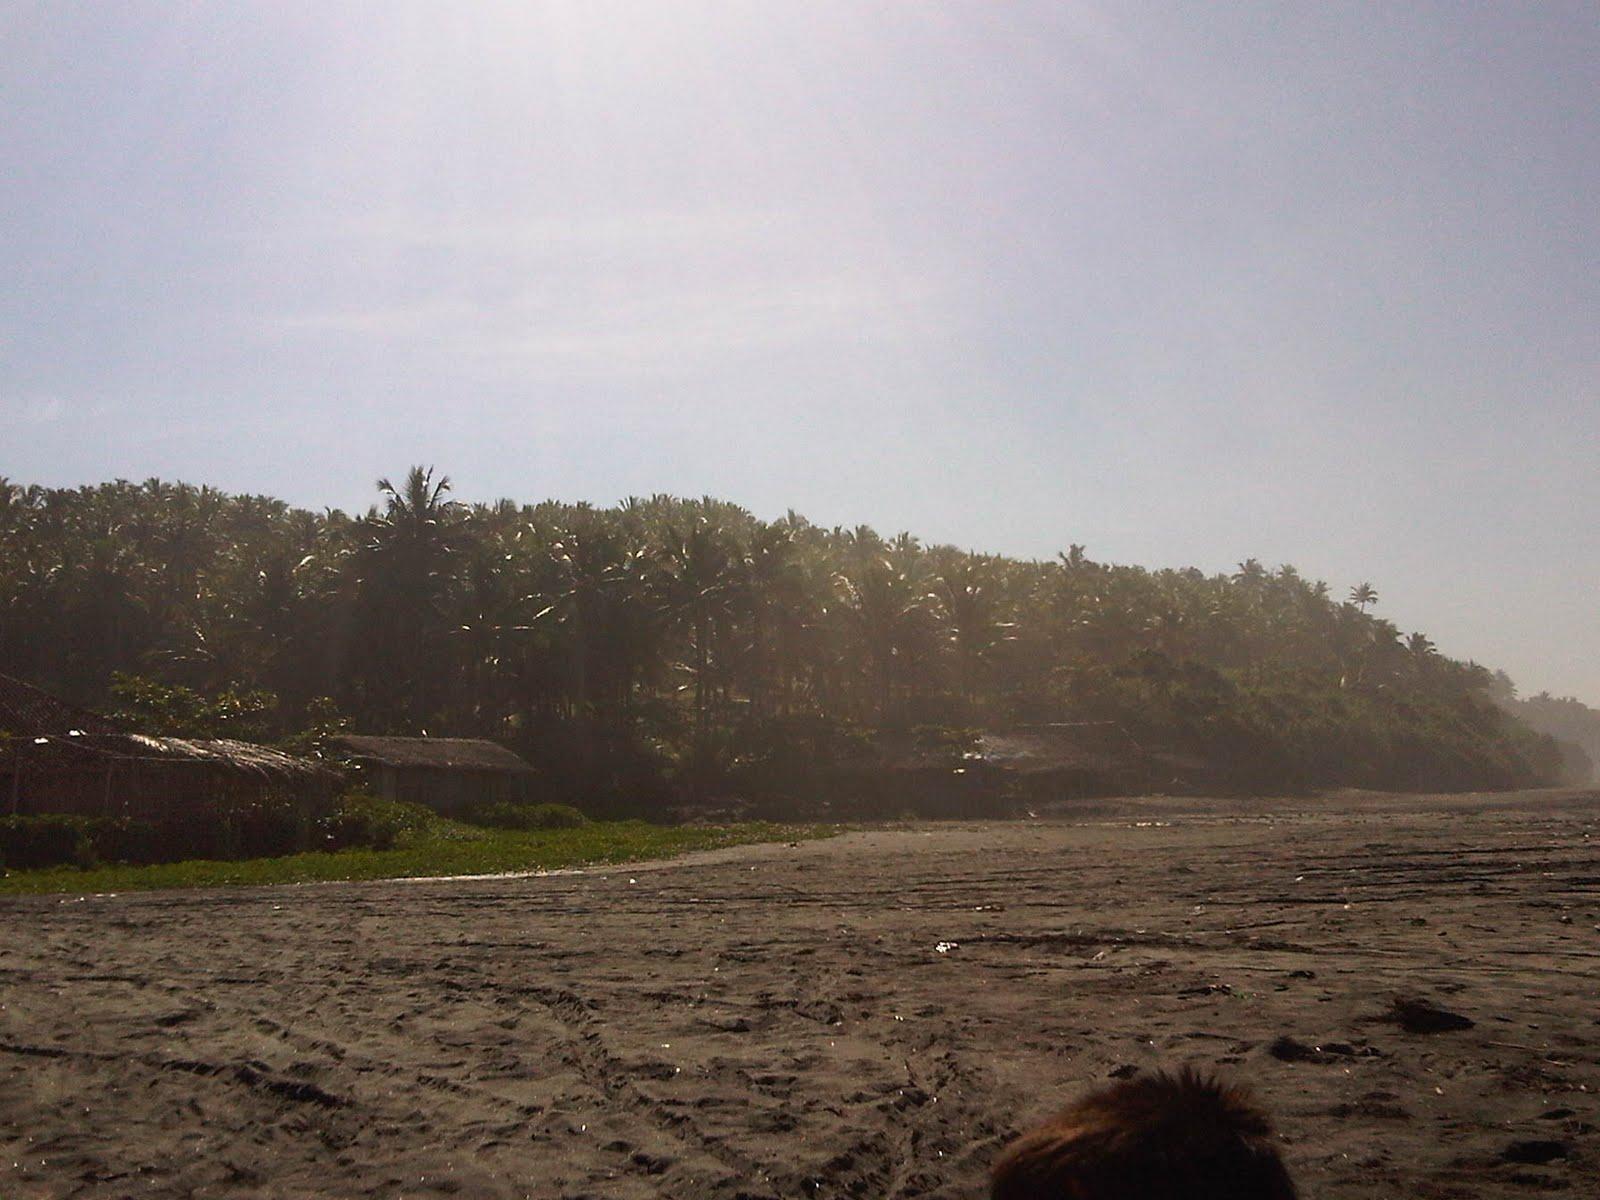 Cerita Pendek Pulang Kampung Cerita